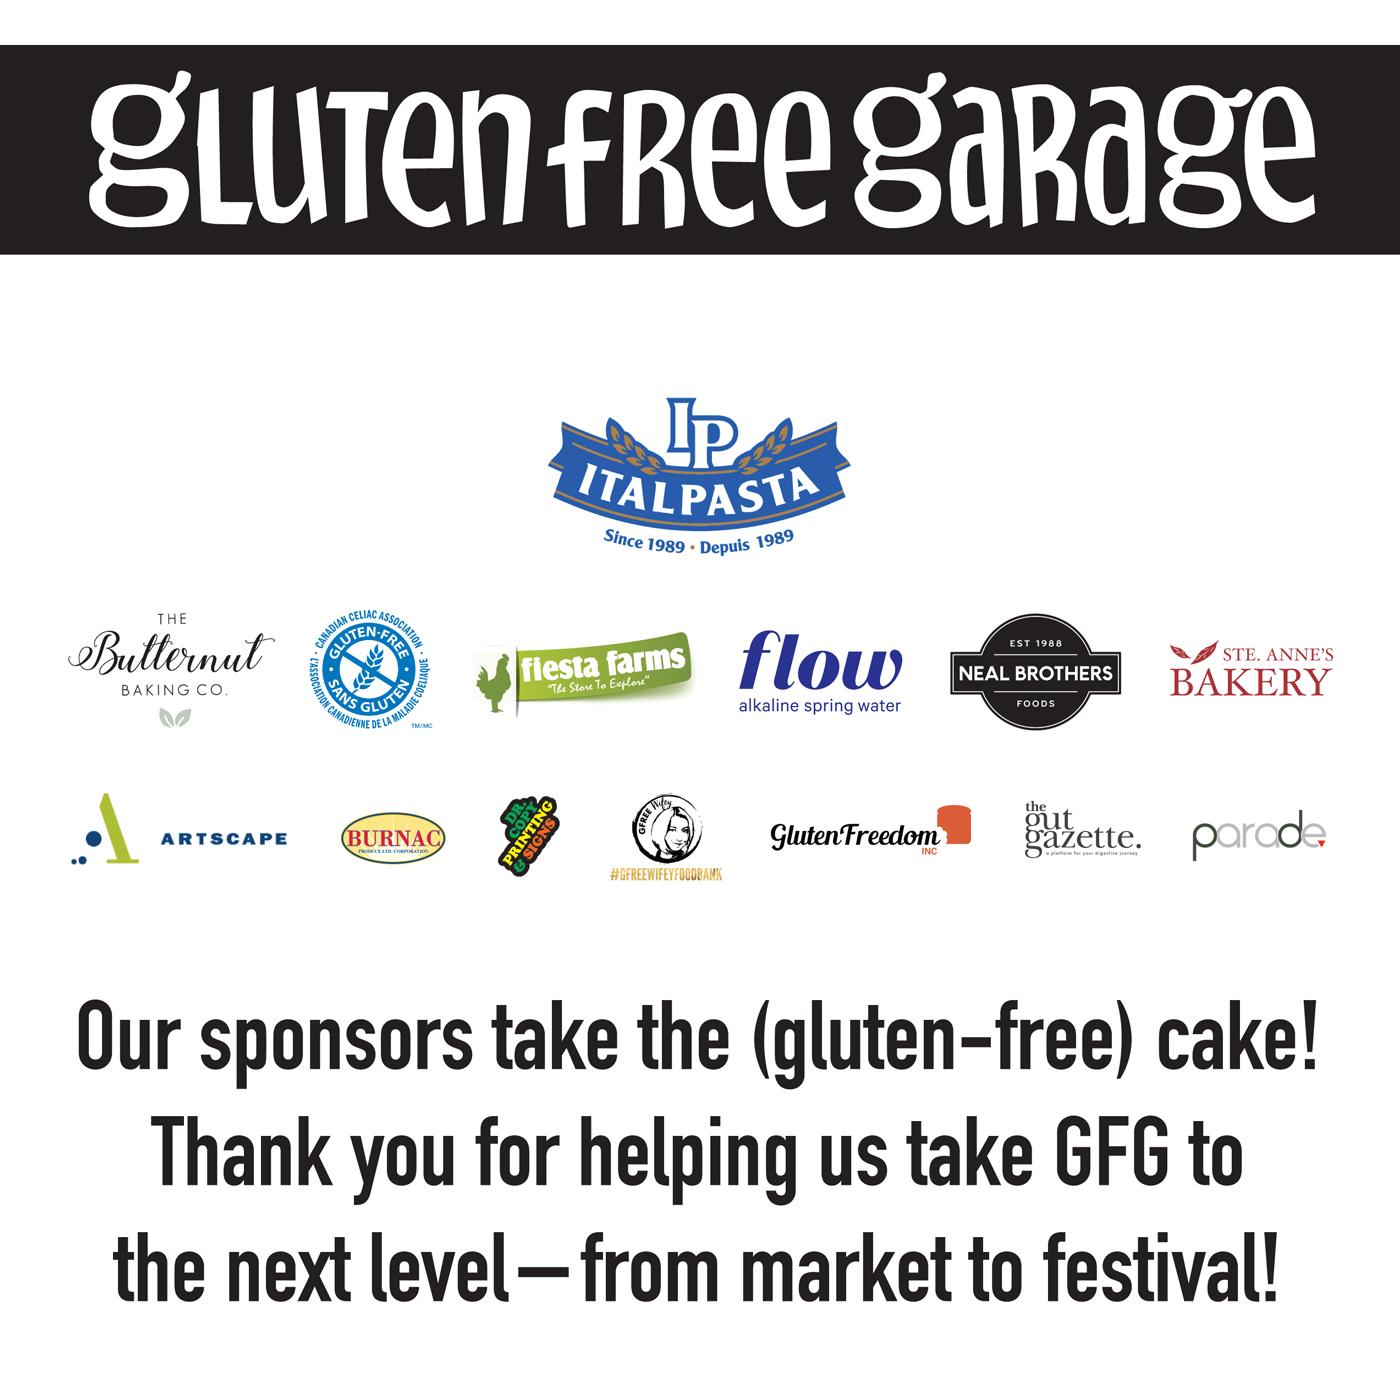 Gluten Free Garage